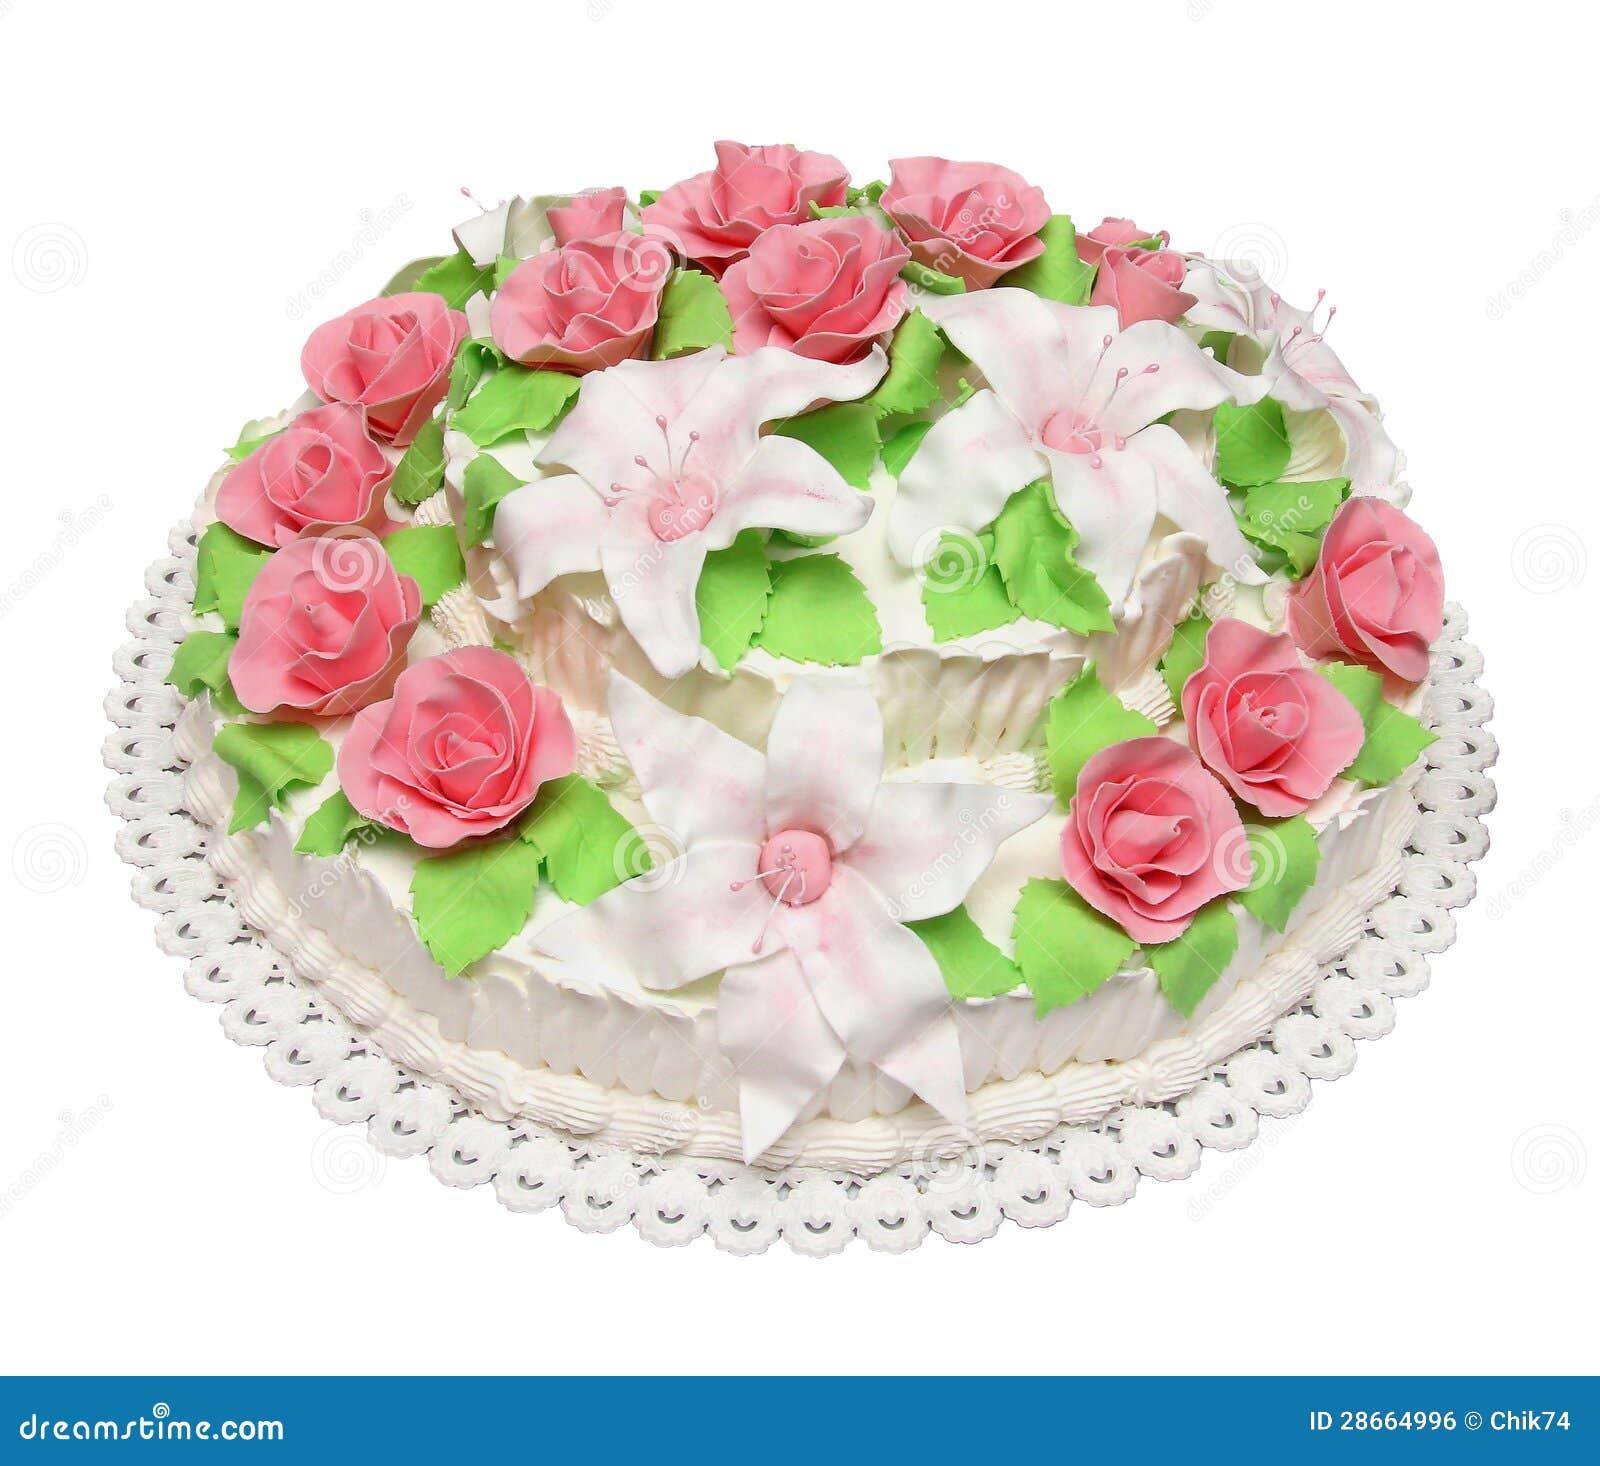 Bolo De Aniversario Decorado Com As Flores Isoladas No ...